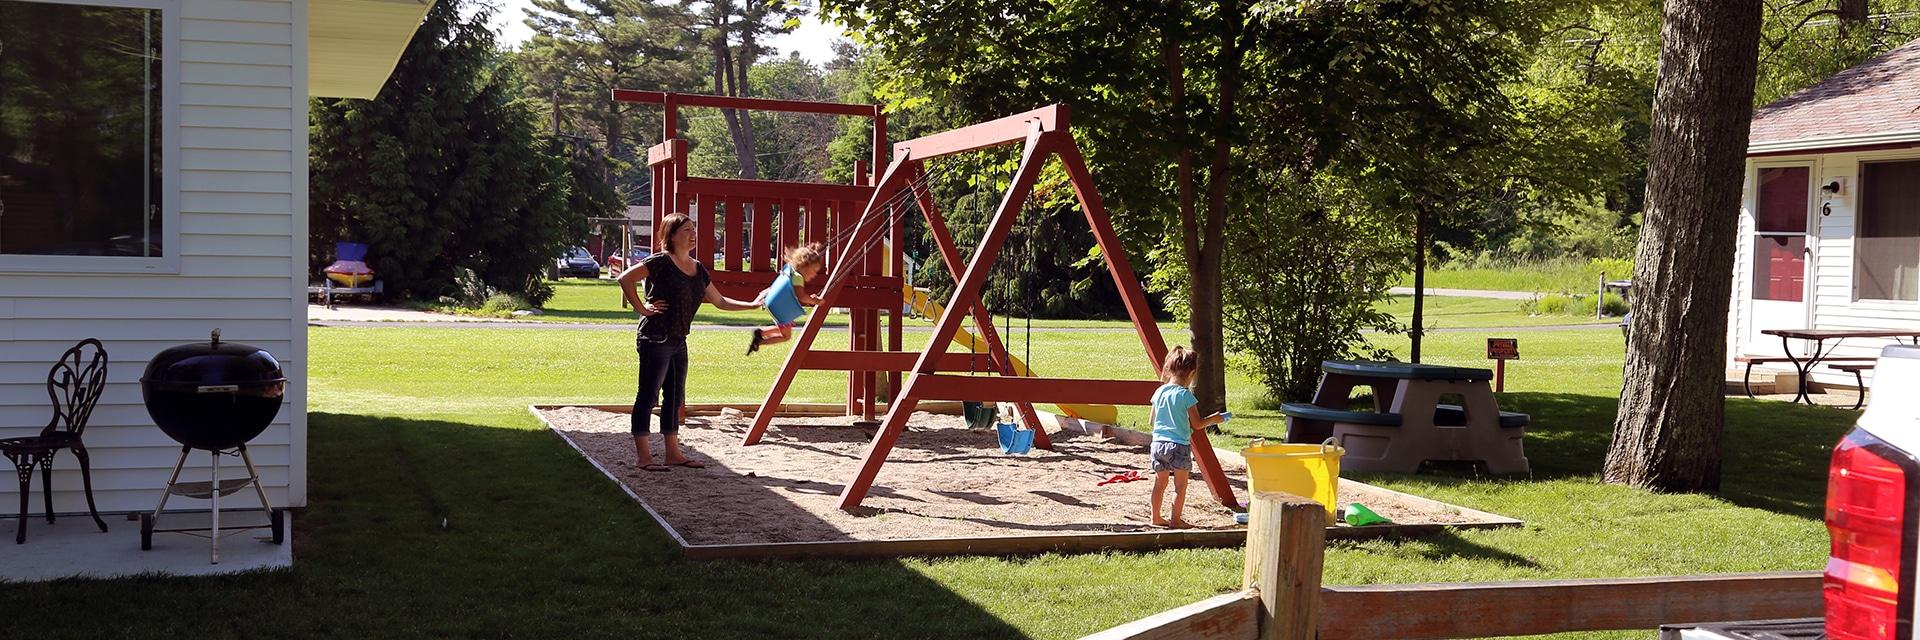 View of the Children's Playground